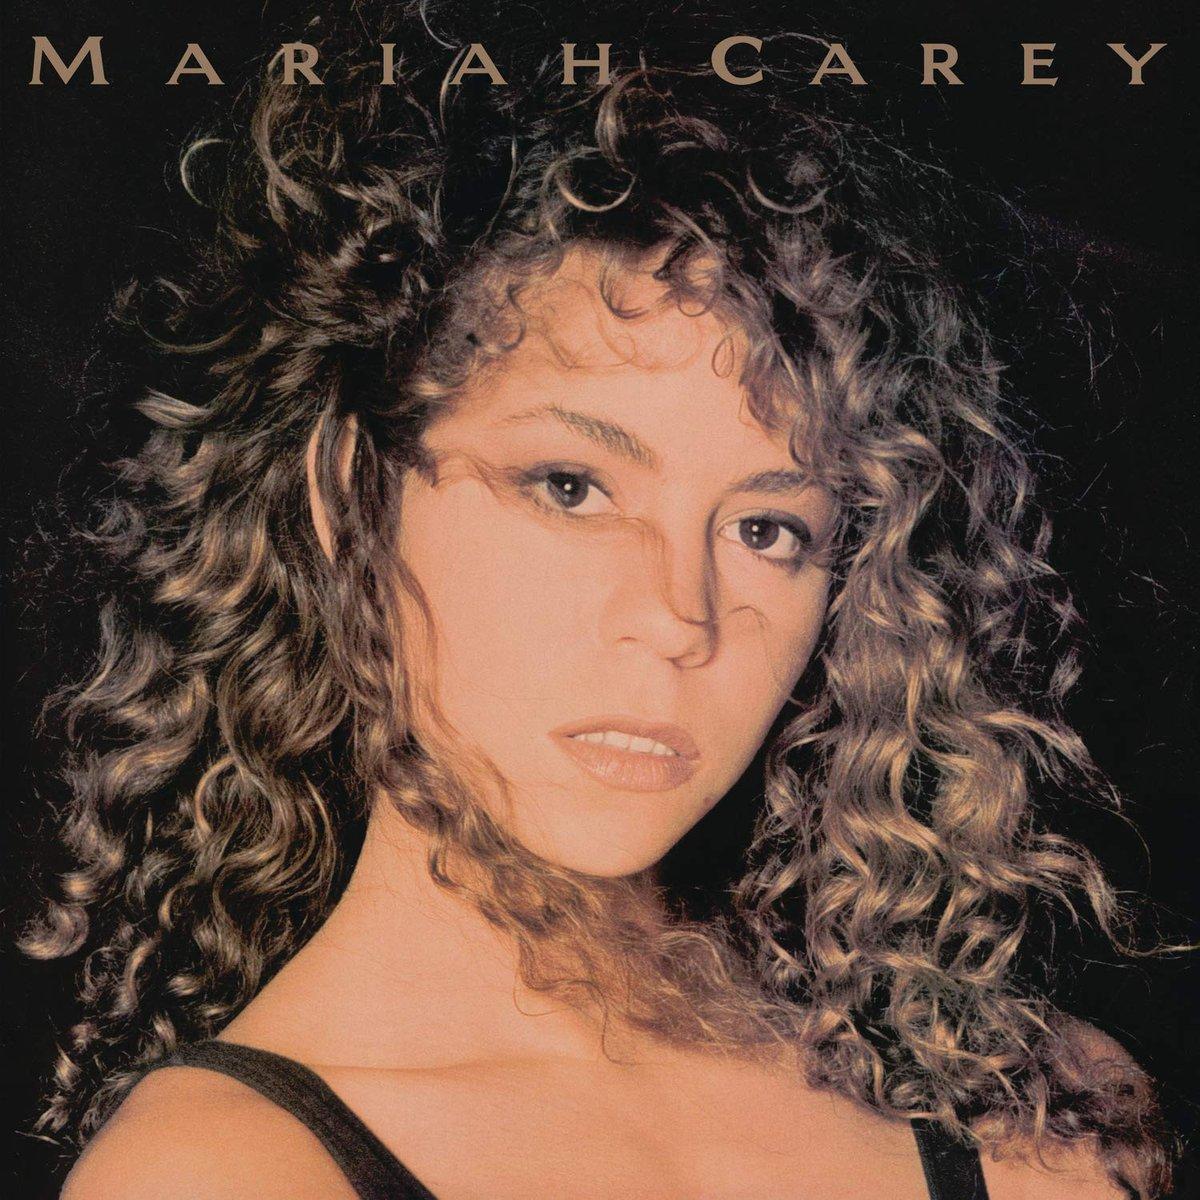 Há 30 anos, #MariahCarey chegava ao topo do #Top200 com seu álbum de estréia e ficou lá por 11 semanas.  #mc30 #mimi #90s #90smusic #VisionOfLove #LTT #Someday #idontwannacry #Lambily #Lamb4Life